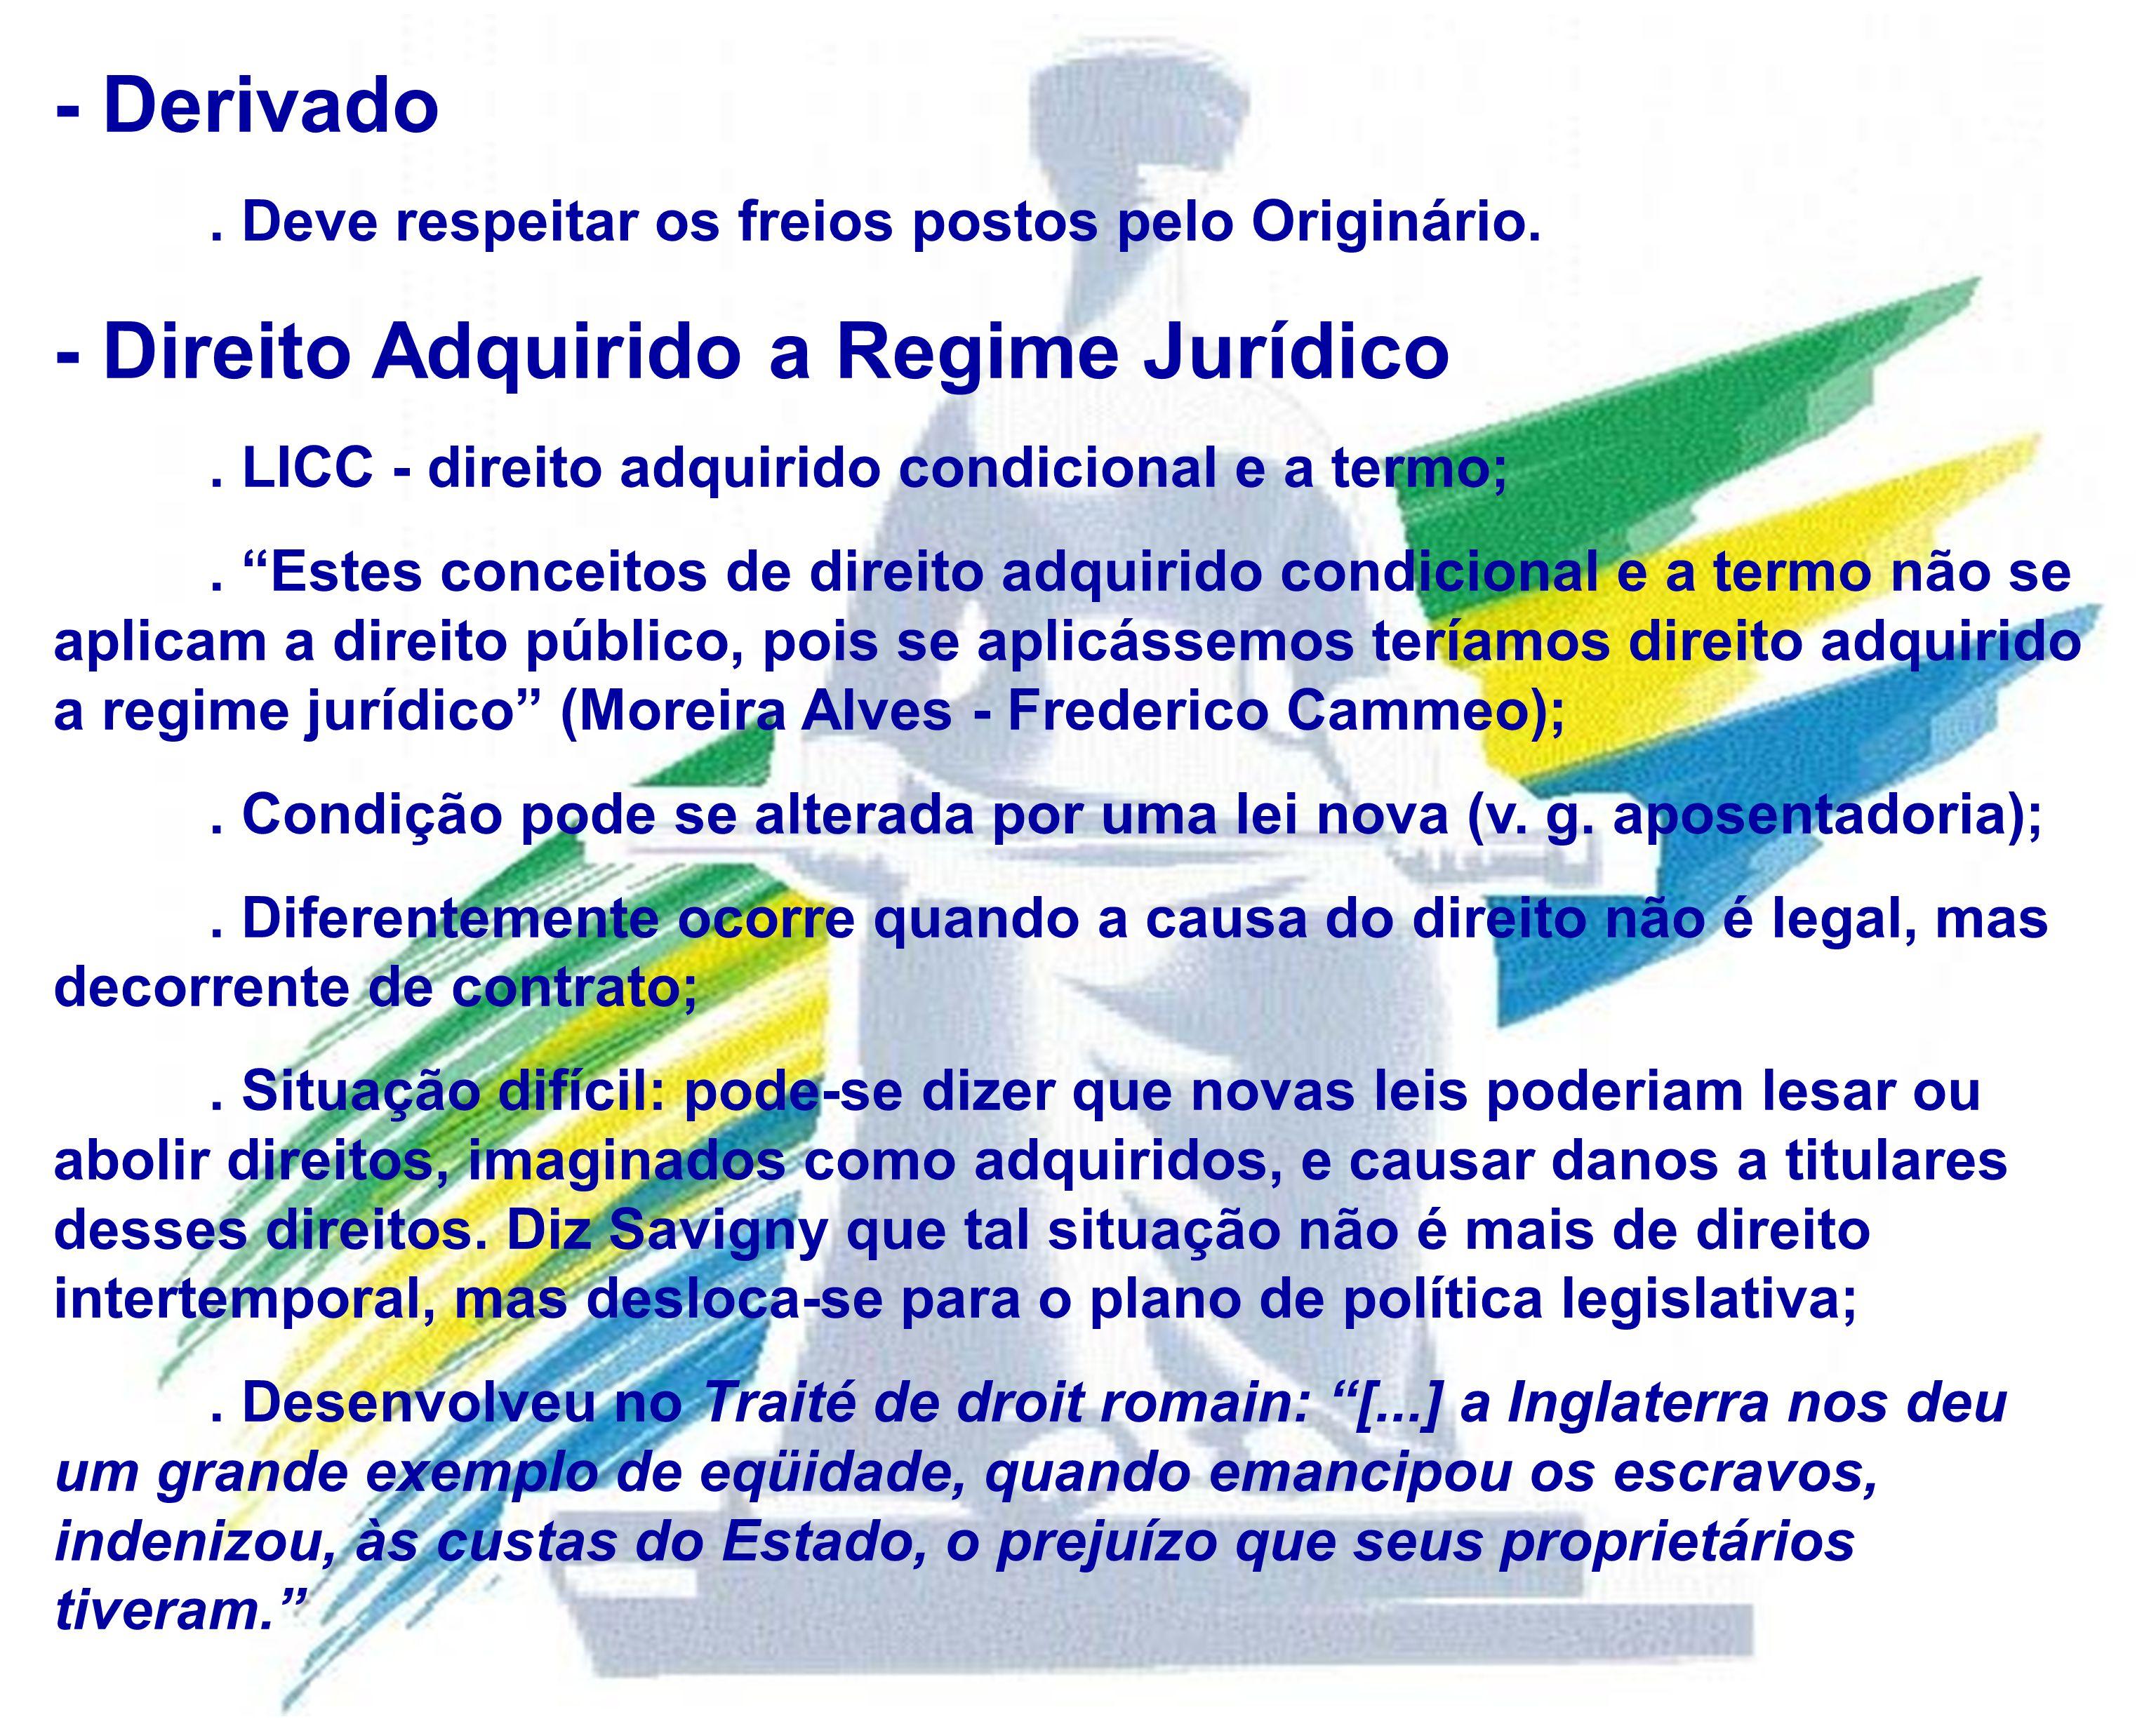 - Direito Adquirido a Regime Jurídico